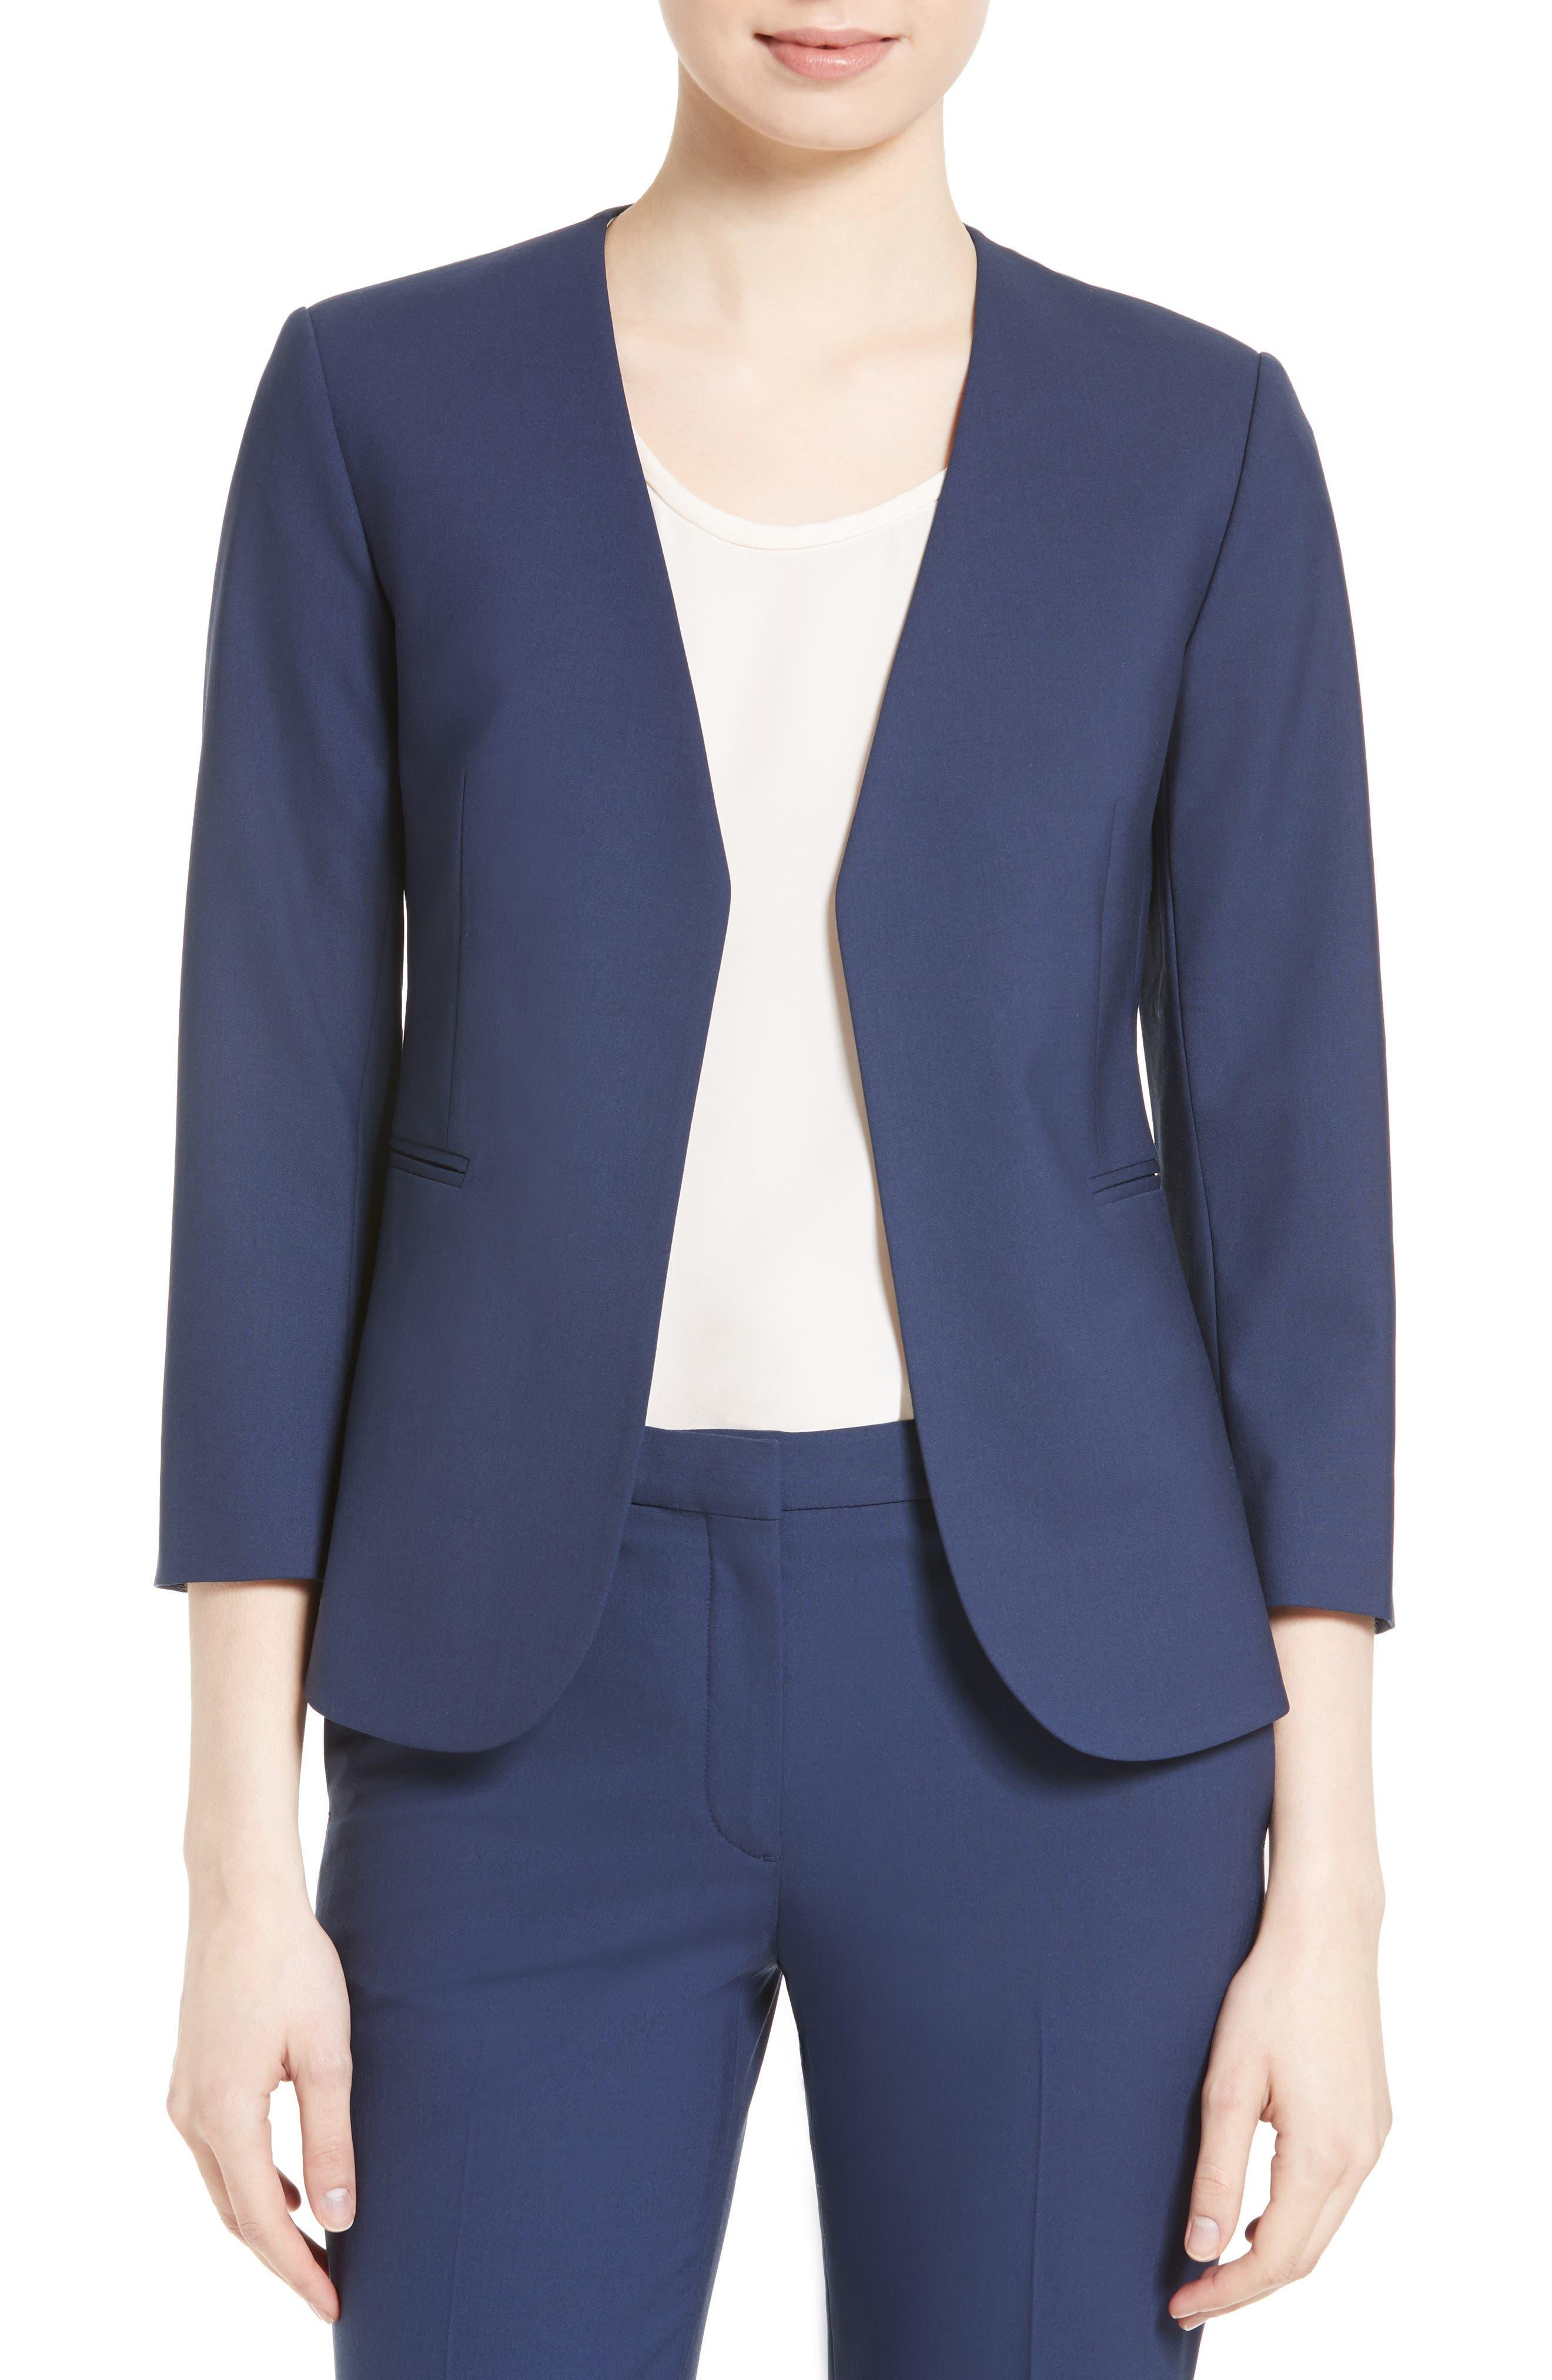 Lindrayia B Good Wool Suit Jacket,                             Main thumbnail 3, color,